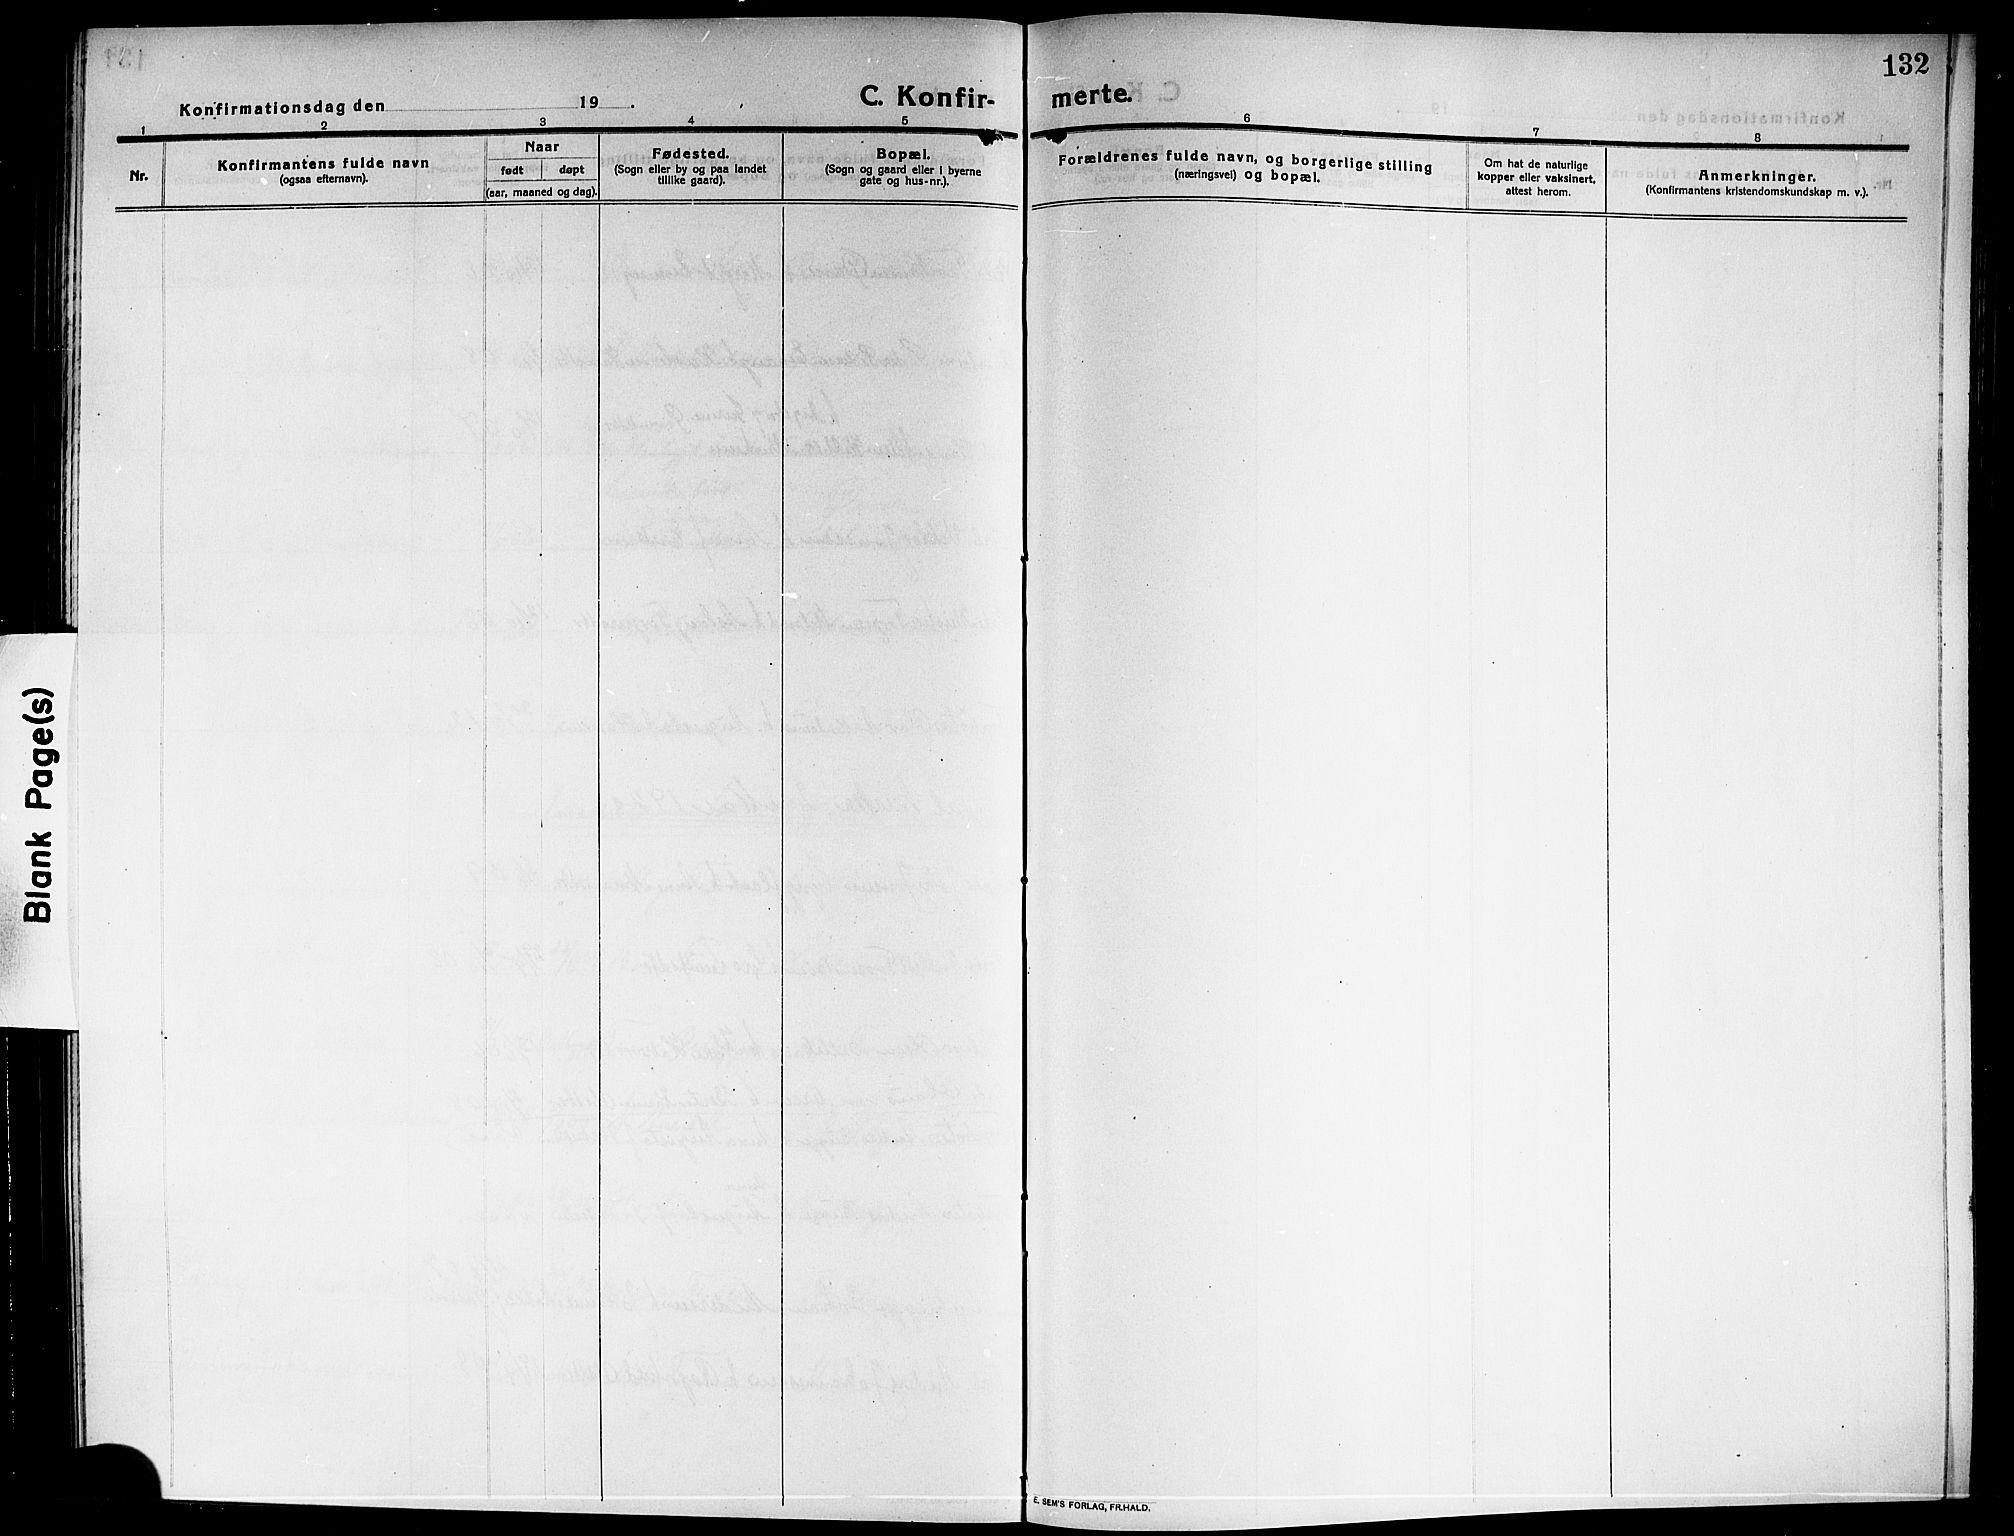 SAKO, Rjukan kirkebøker, G/Ga/L0002: Klokkerbok nr. 2, 1913-1920, s. 132